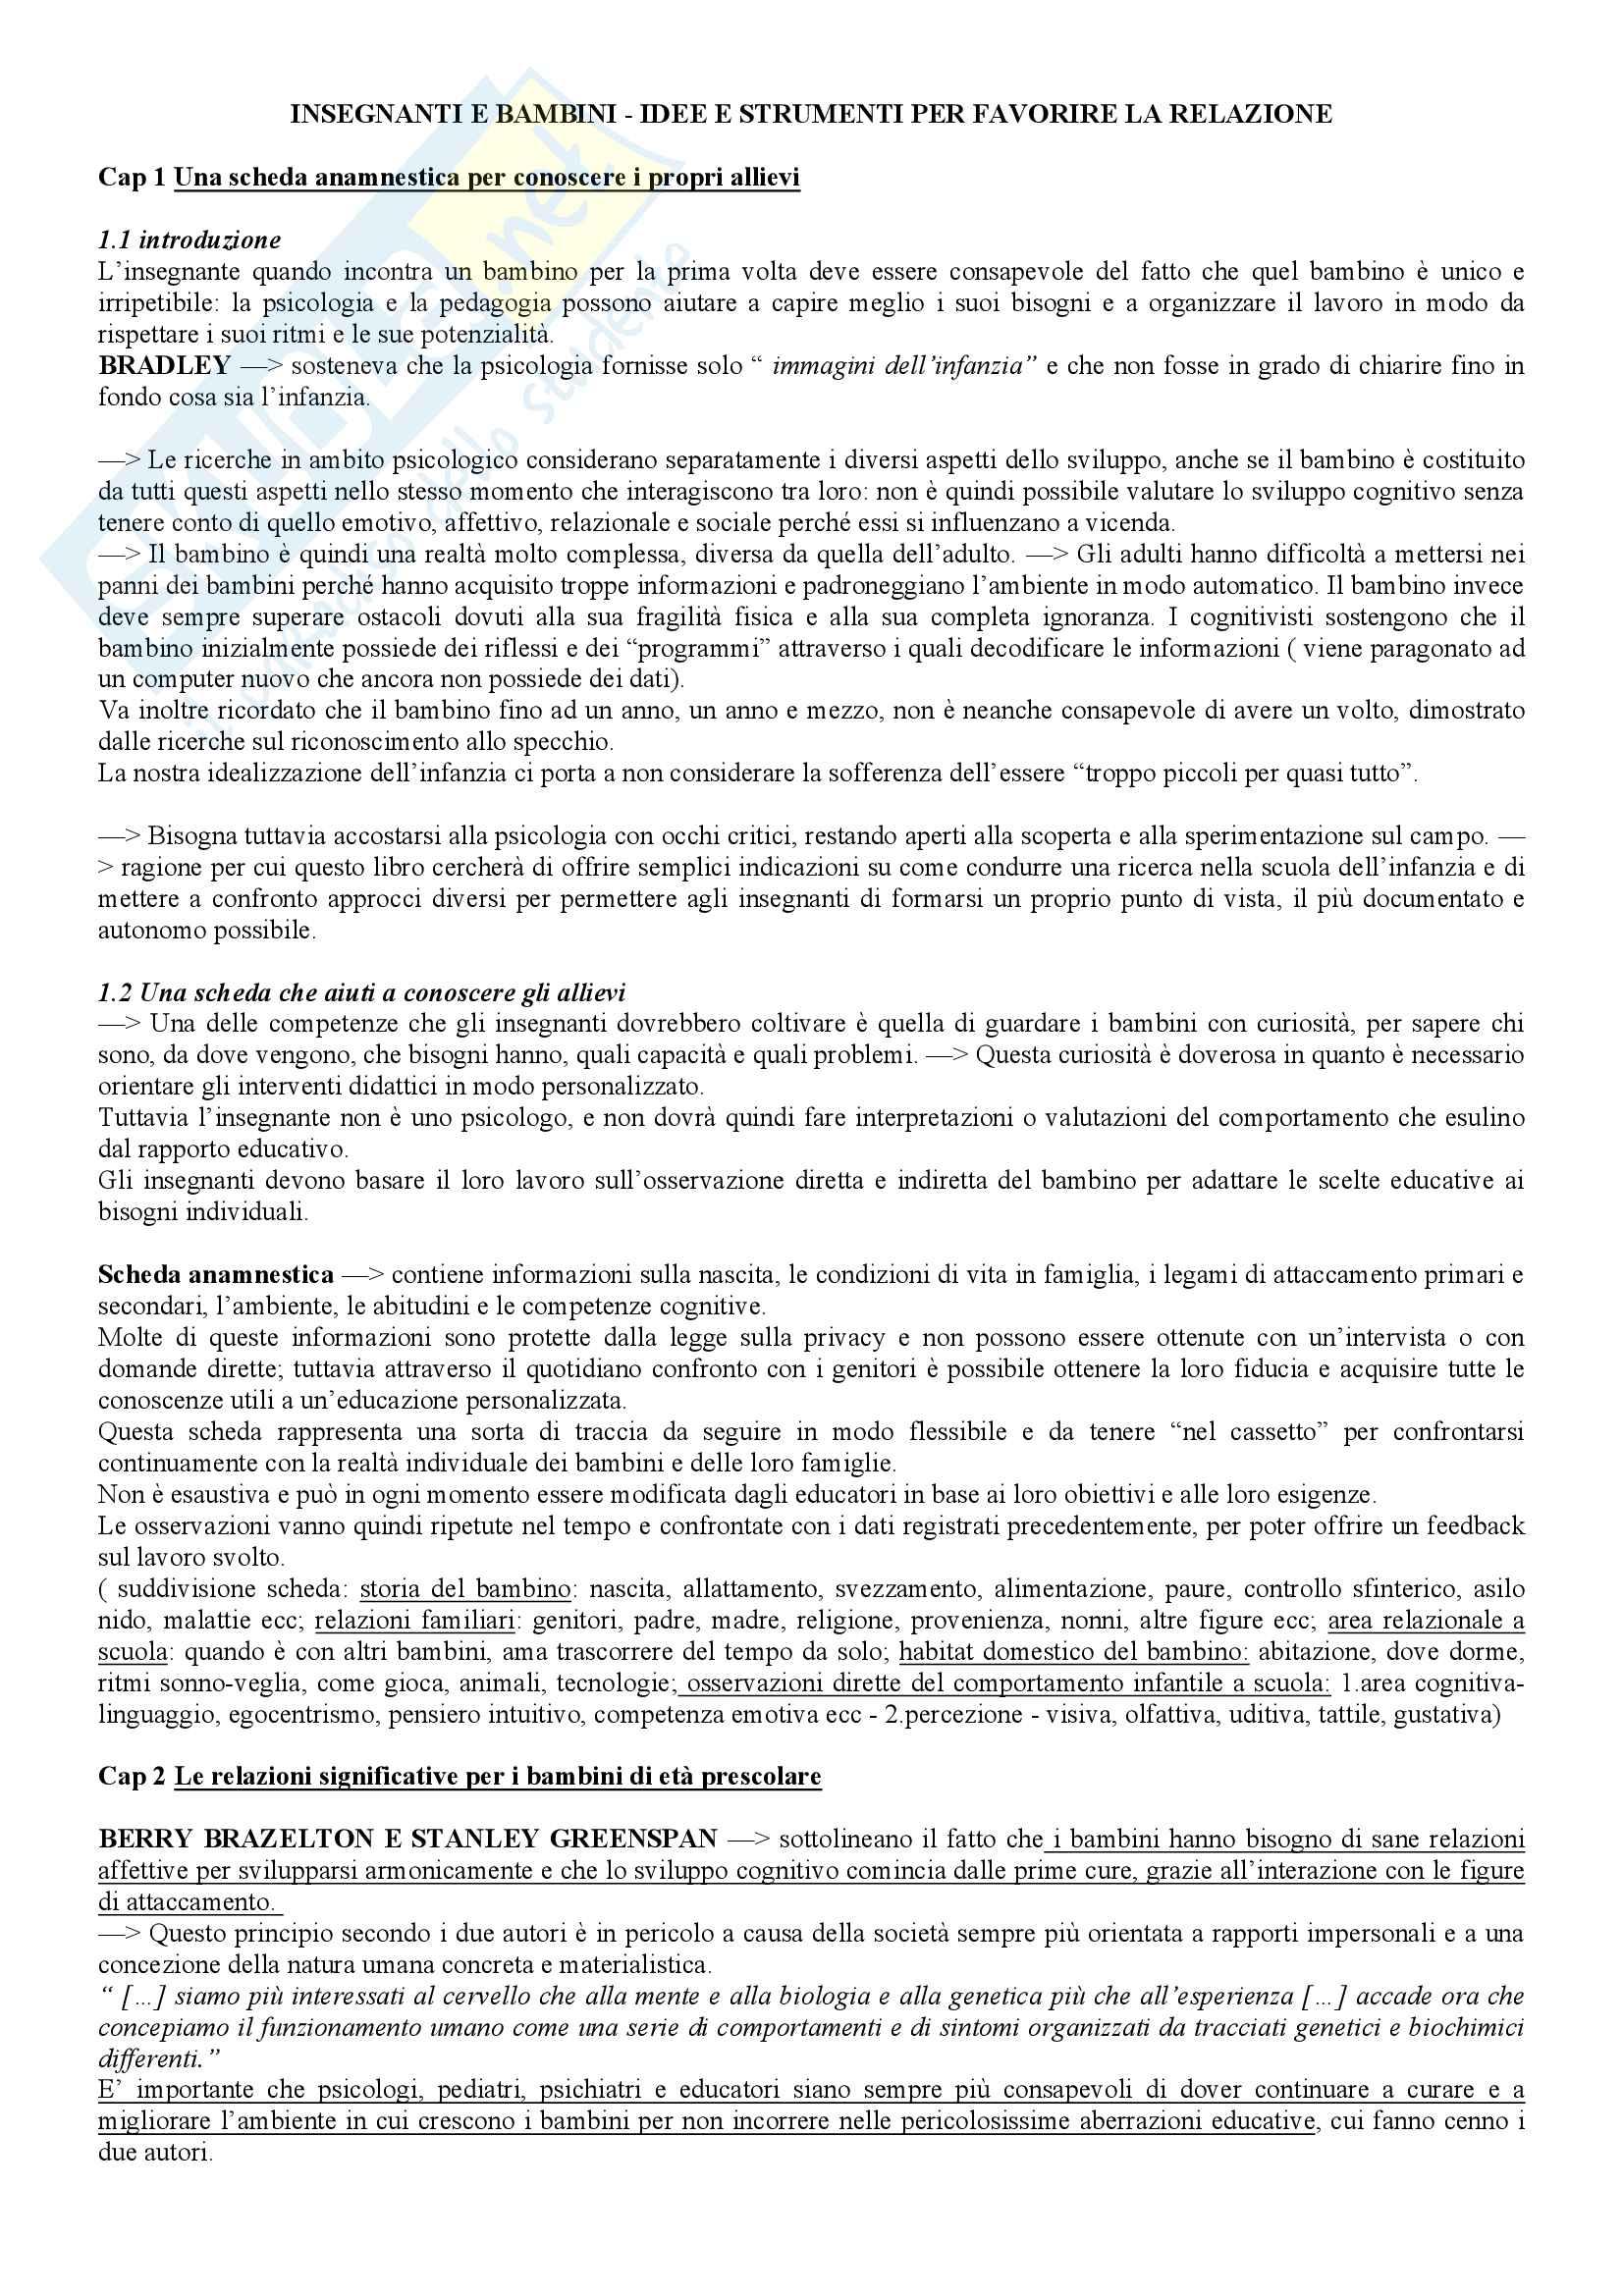 Riassunto esame psicologia dello sviluppo, prof Cadamuro. Libro consigliato Insegnanti e bambini. idee e strumenti per favorire la relazione